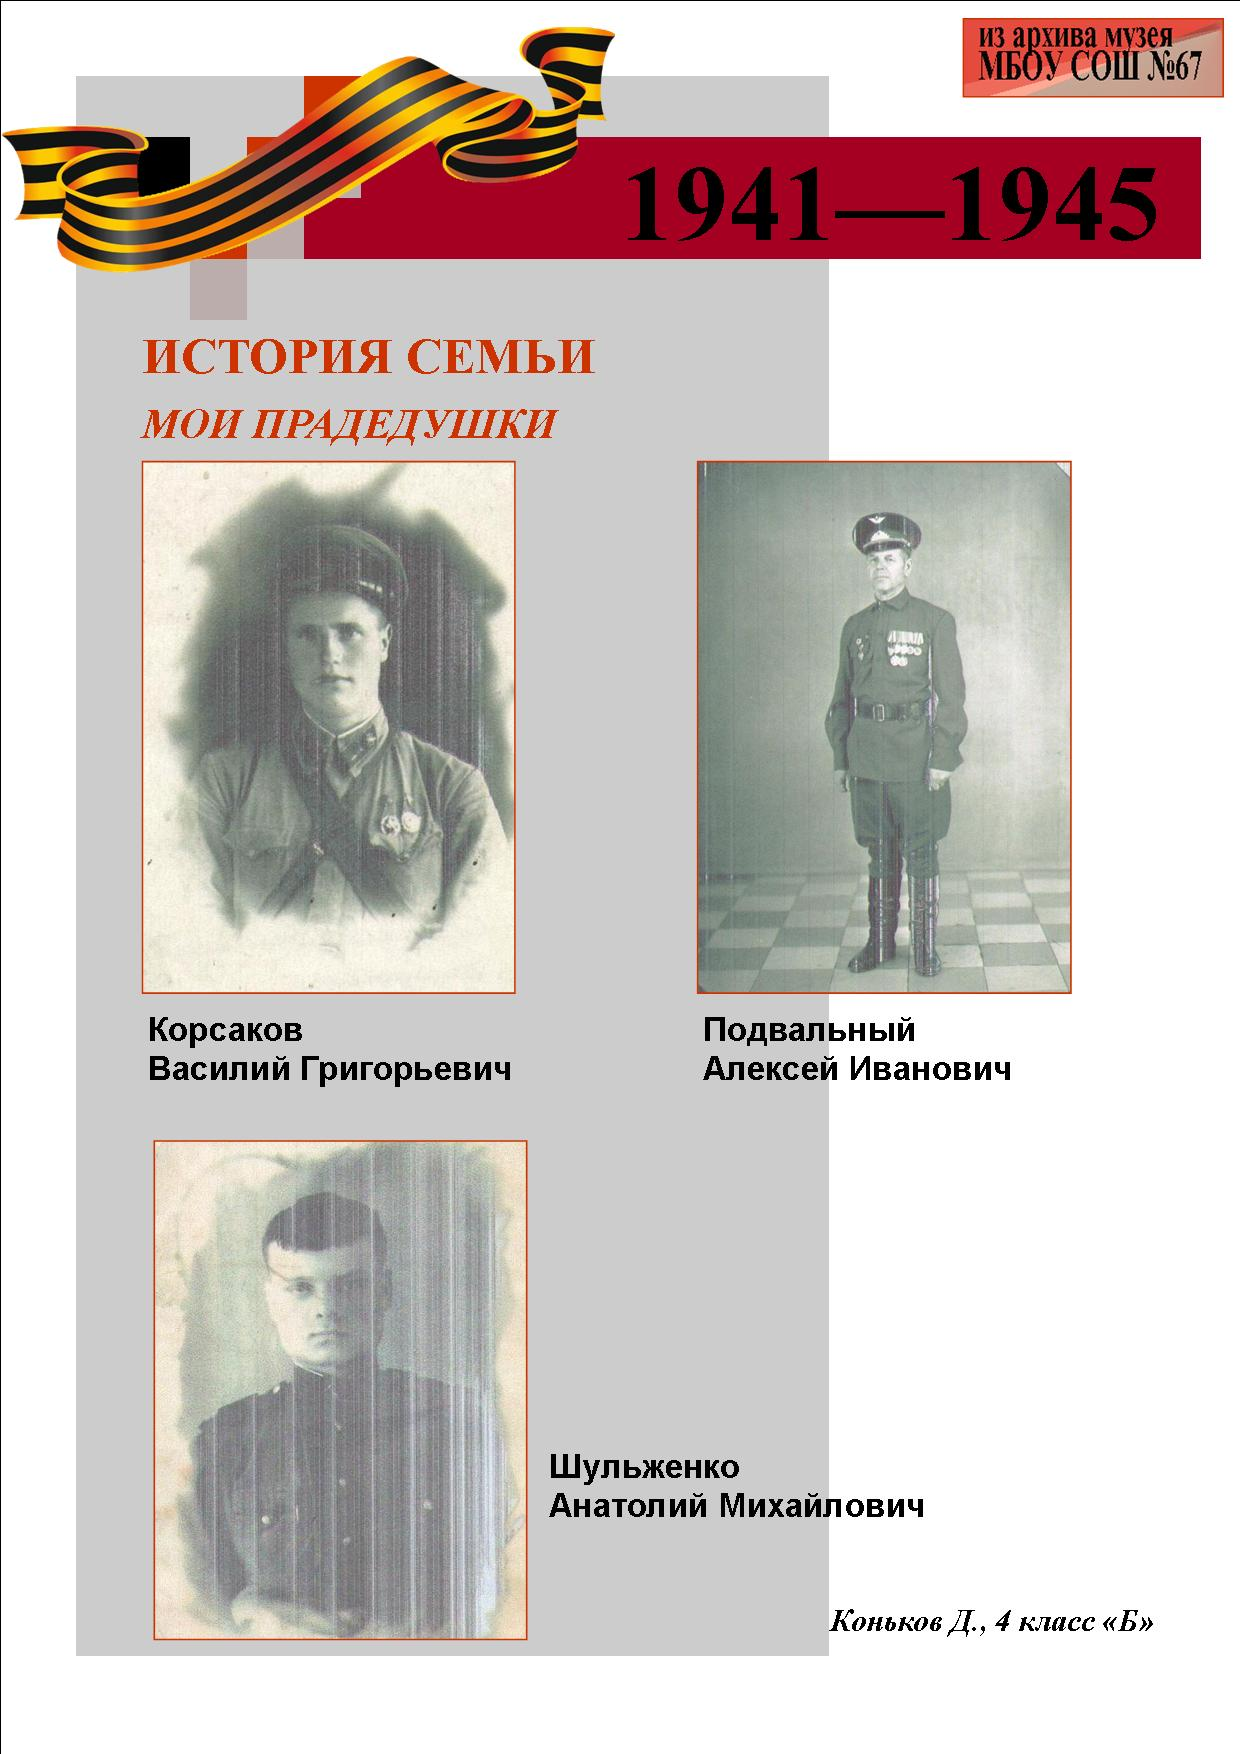 мои прадедушки _ Коньков Д., 4 Б